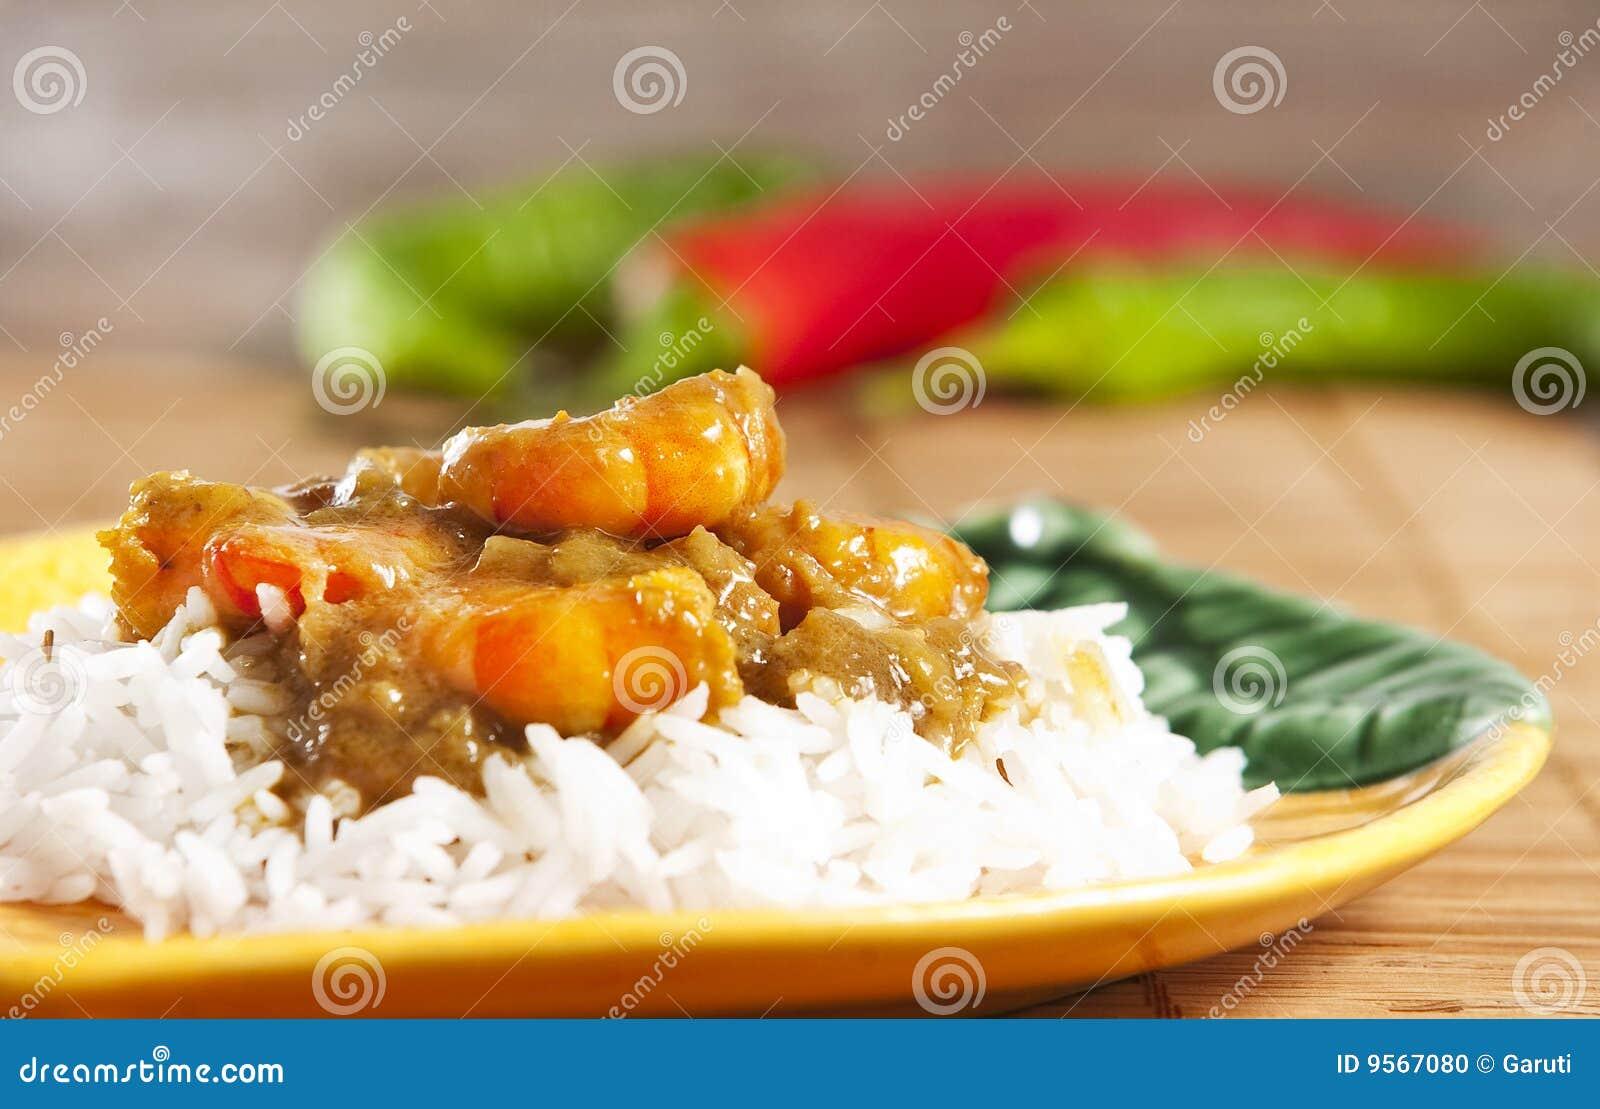 咖喱大虾图片